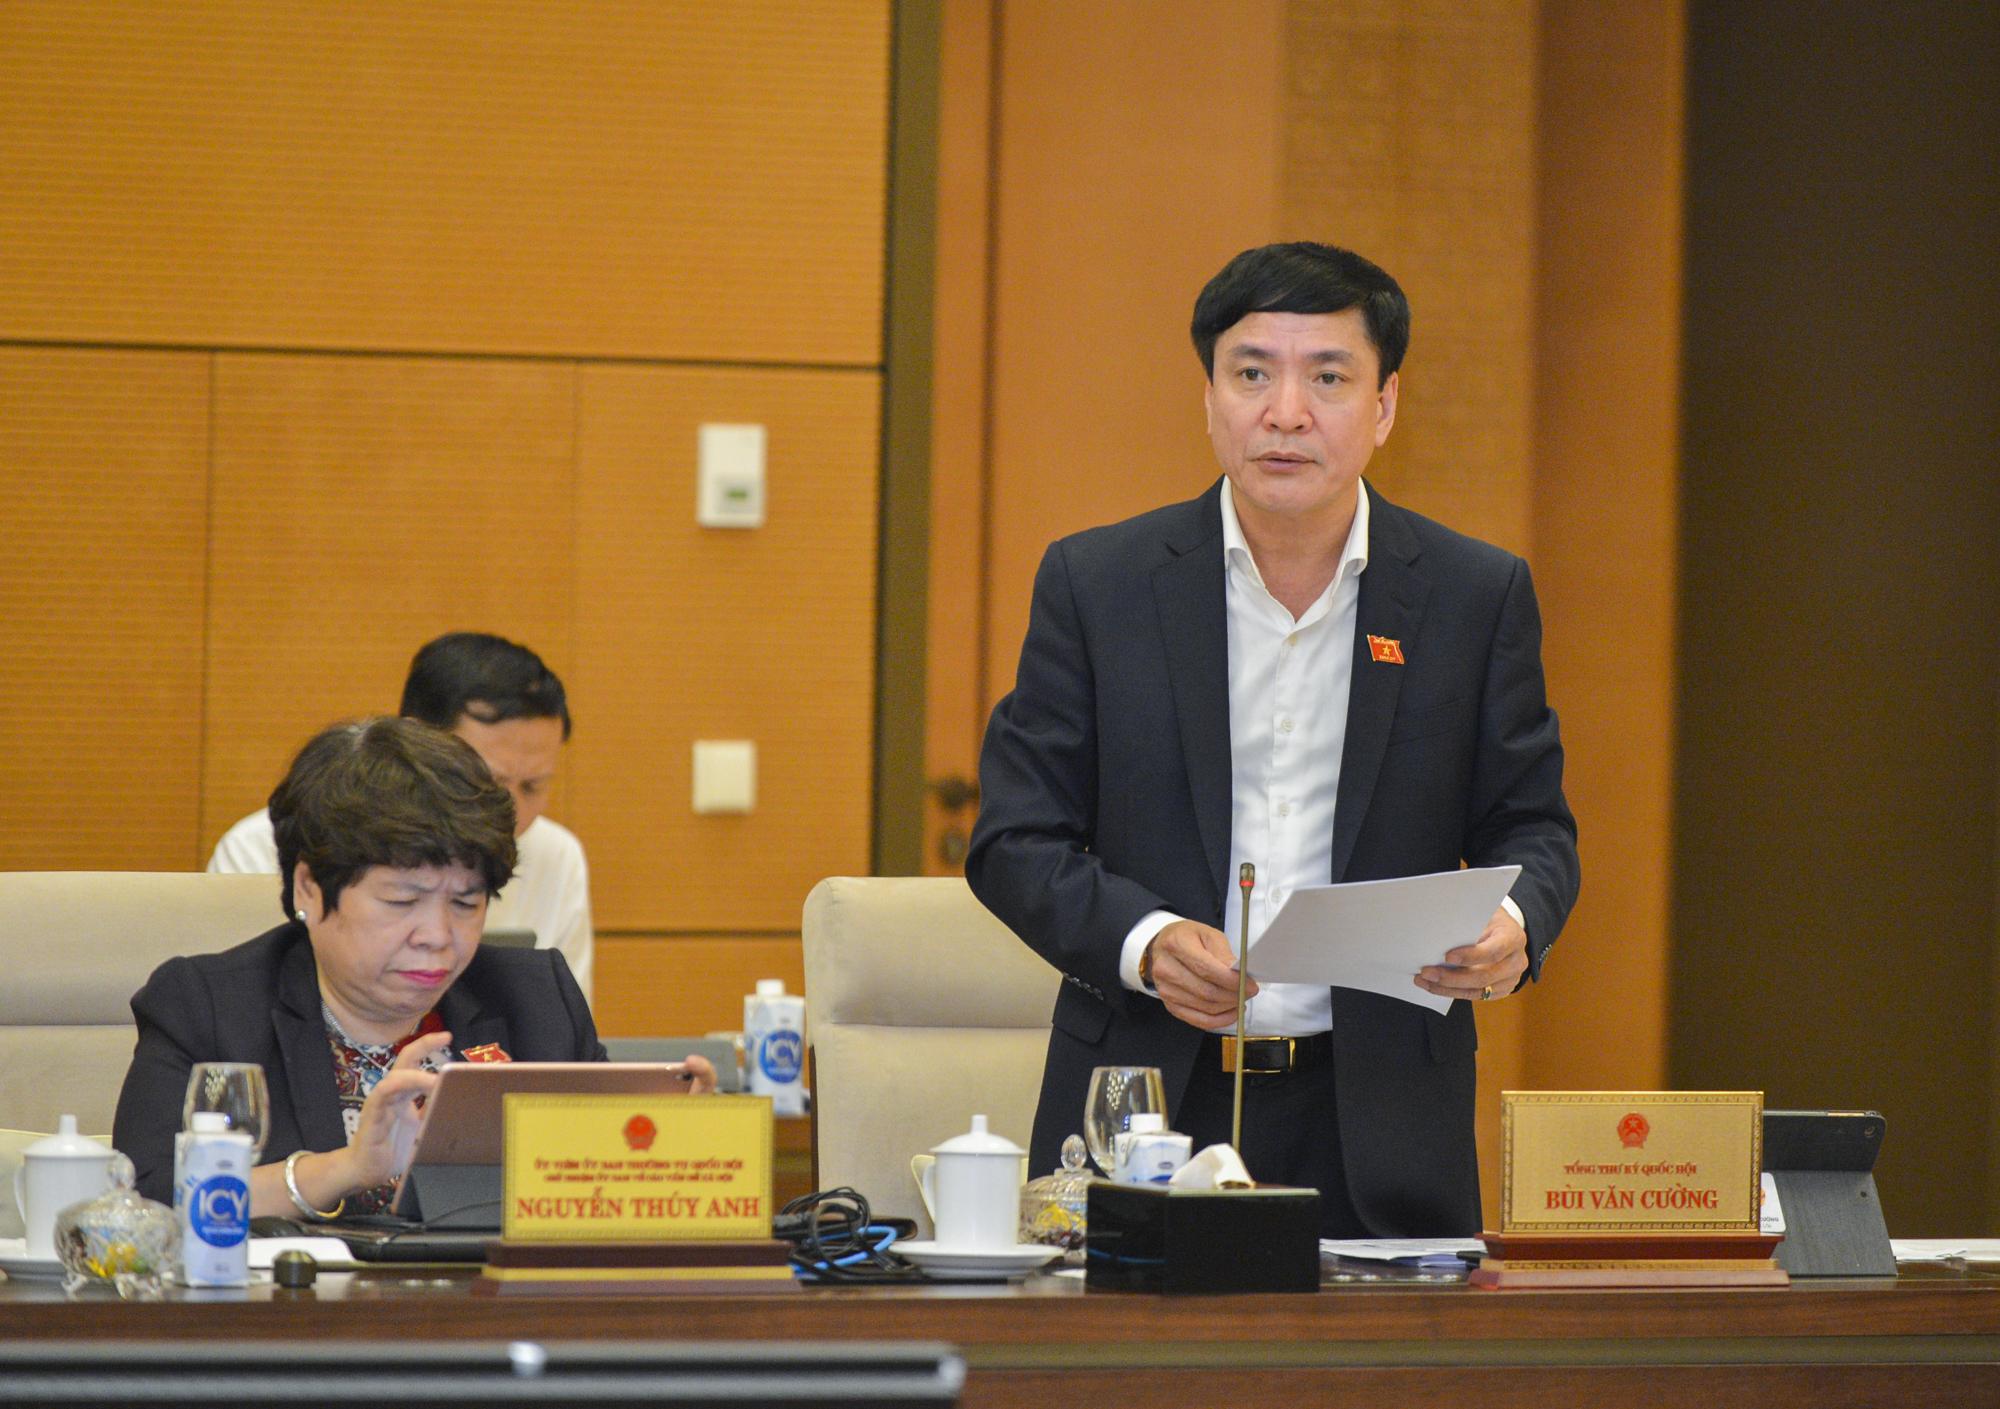 Bầu Chủ tịch nước, Thủ tướng,  Chủ tịch Quốc hội nhiệm kỳ mới vào tháng 7 - Ảnh 1.